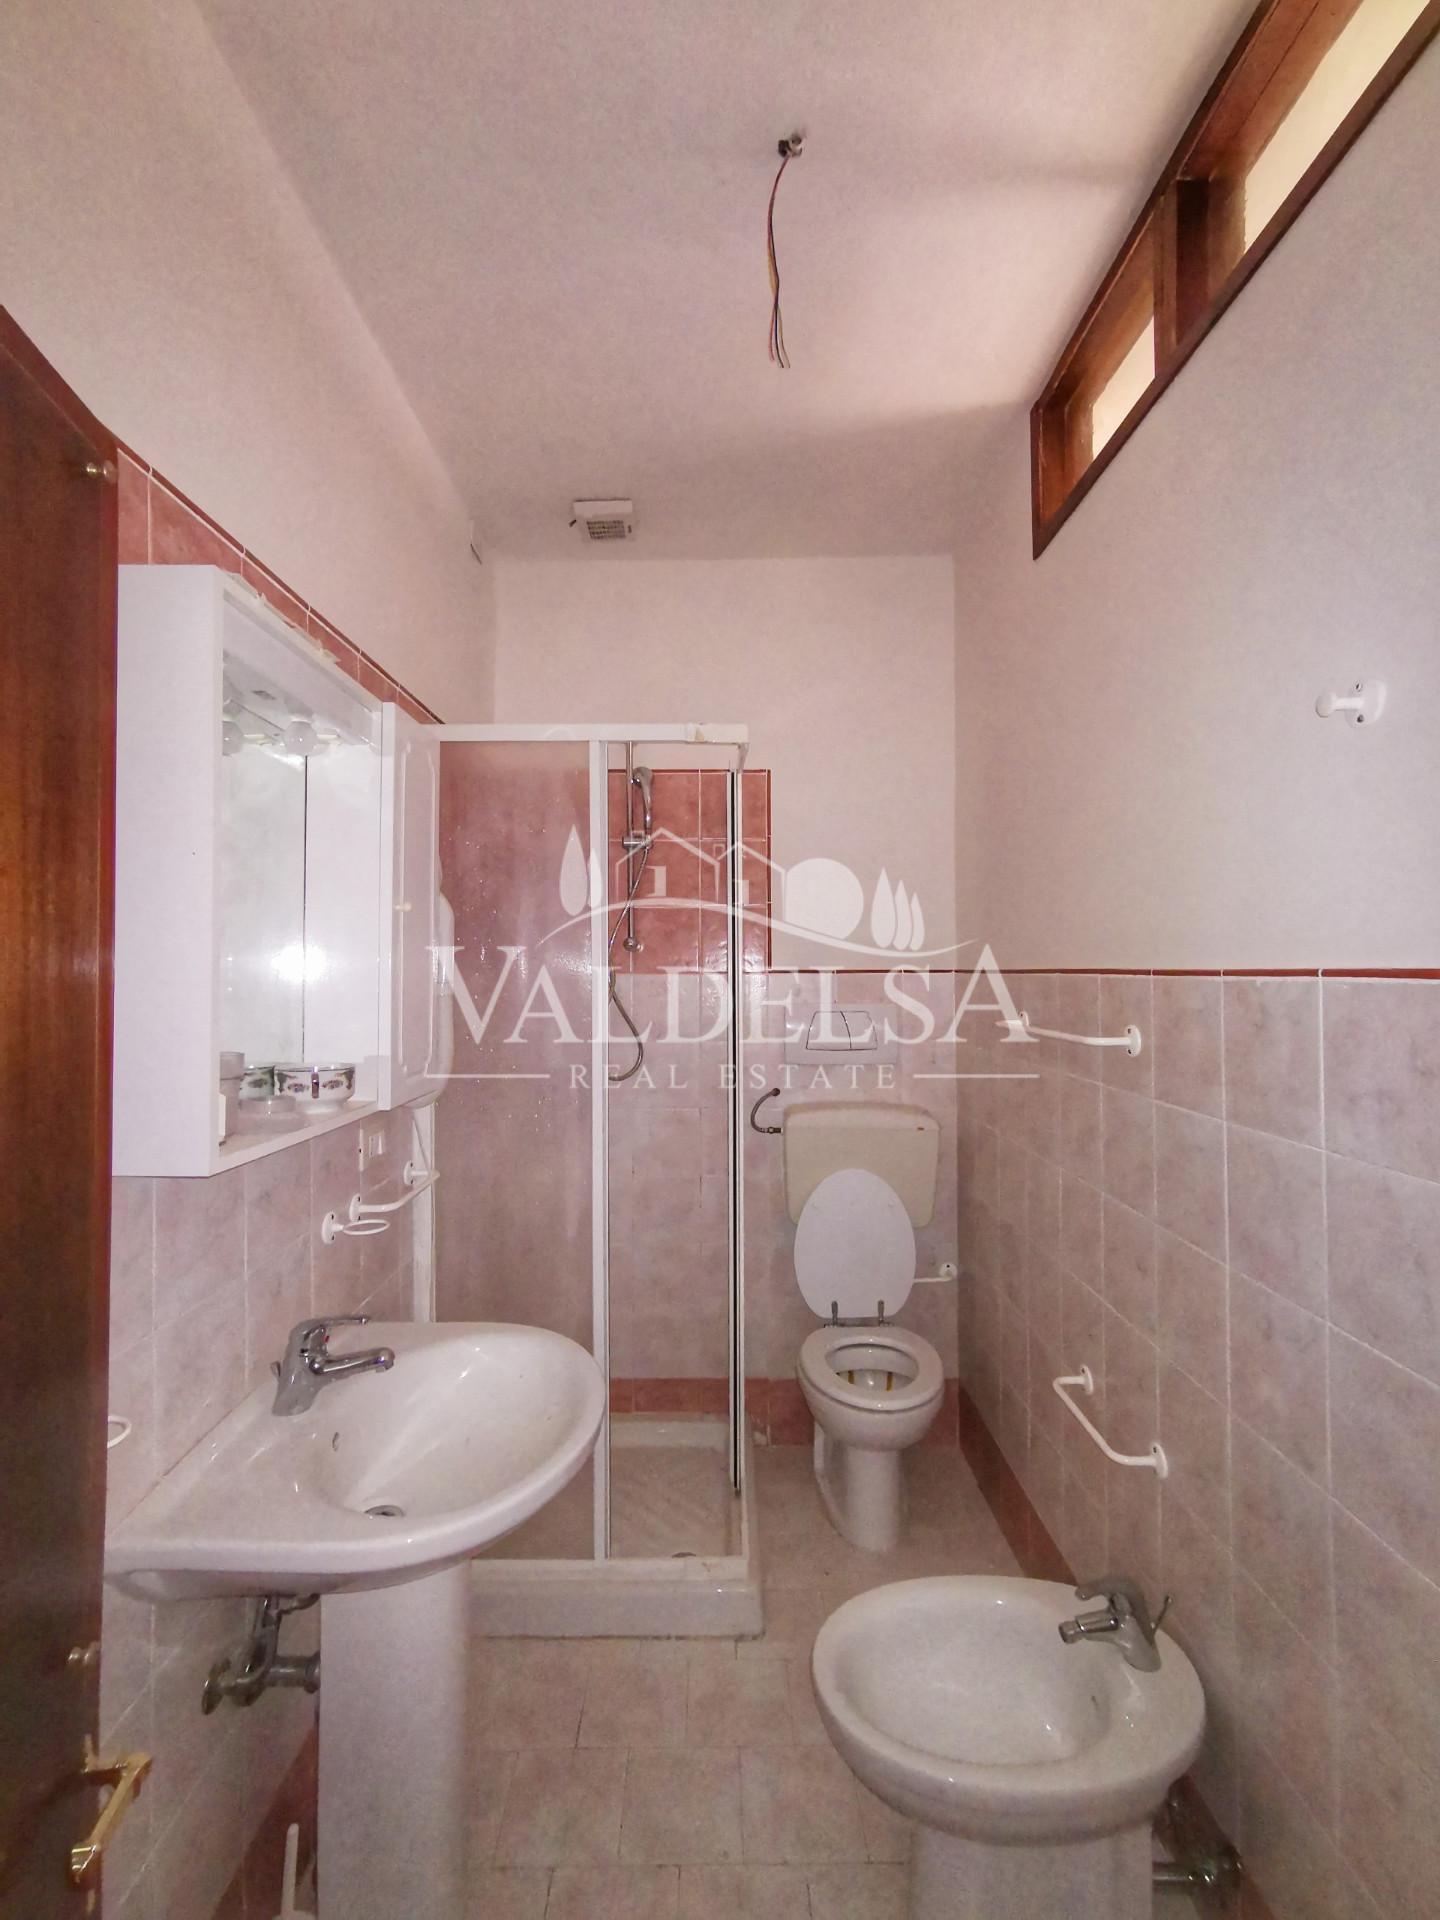 Apartment for sale, ref. 675quat